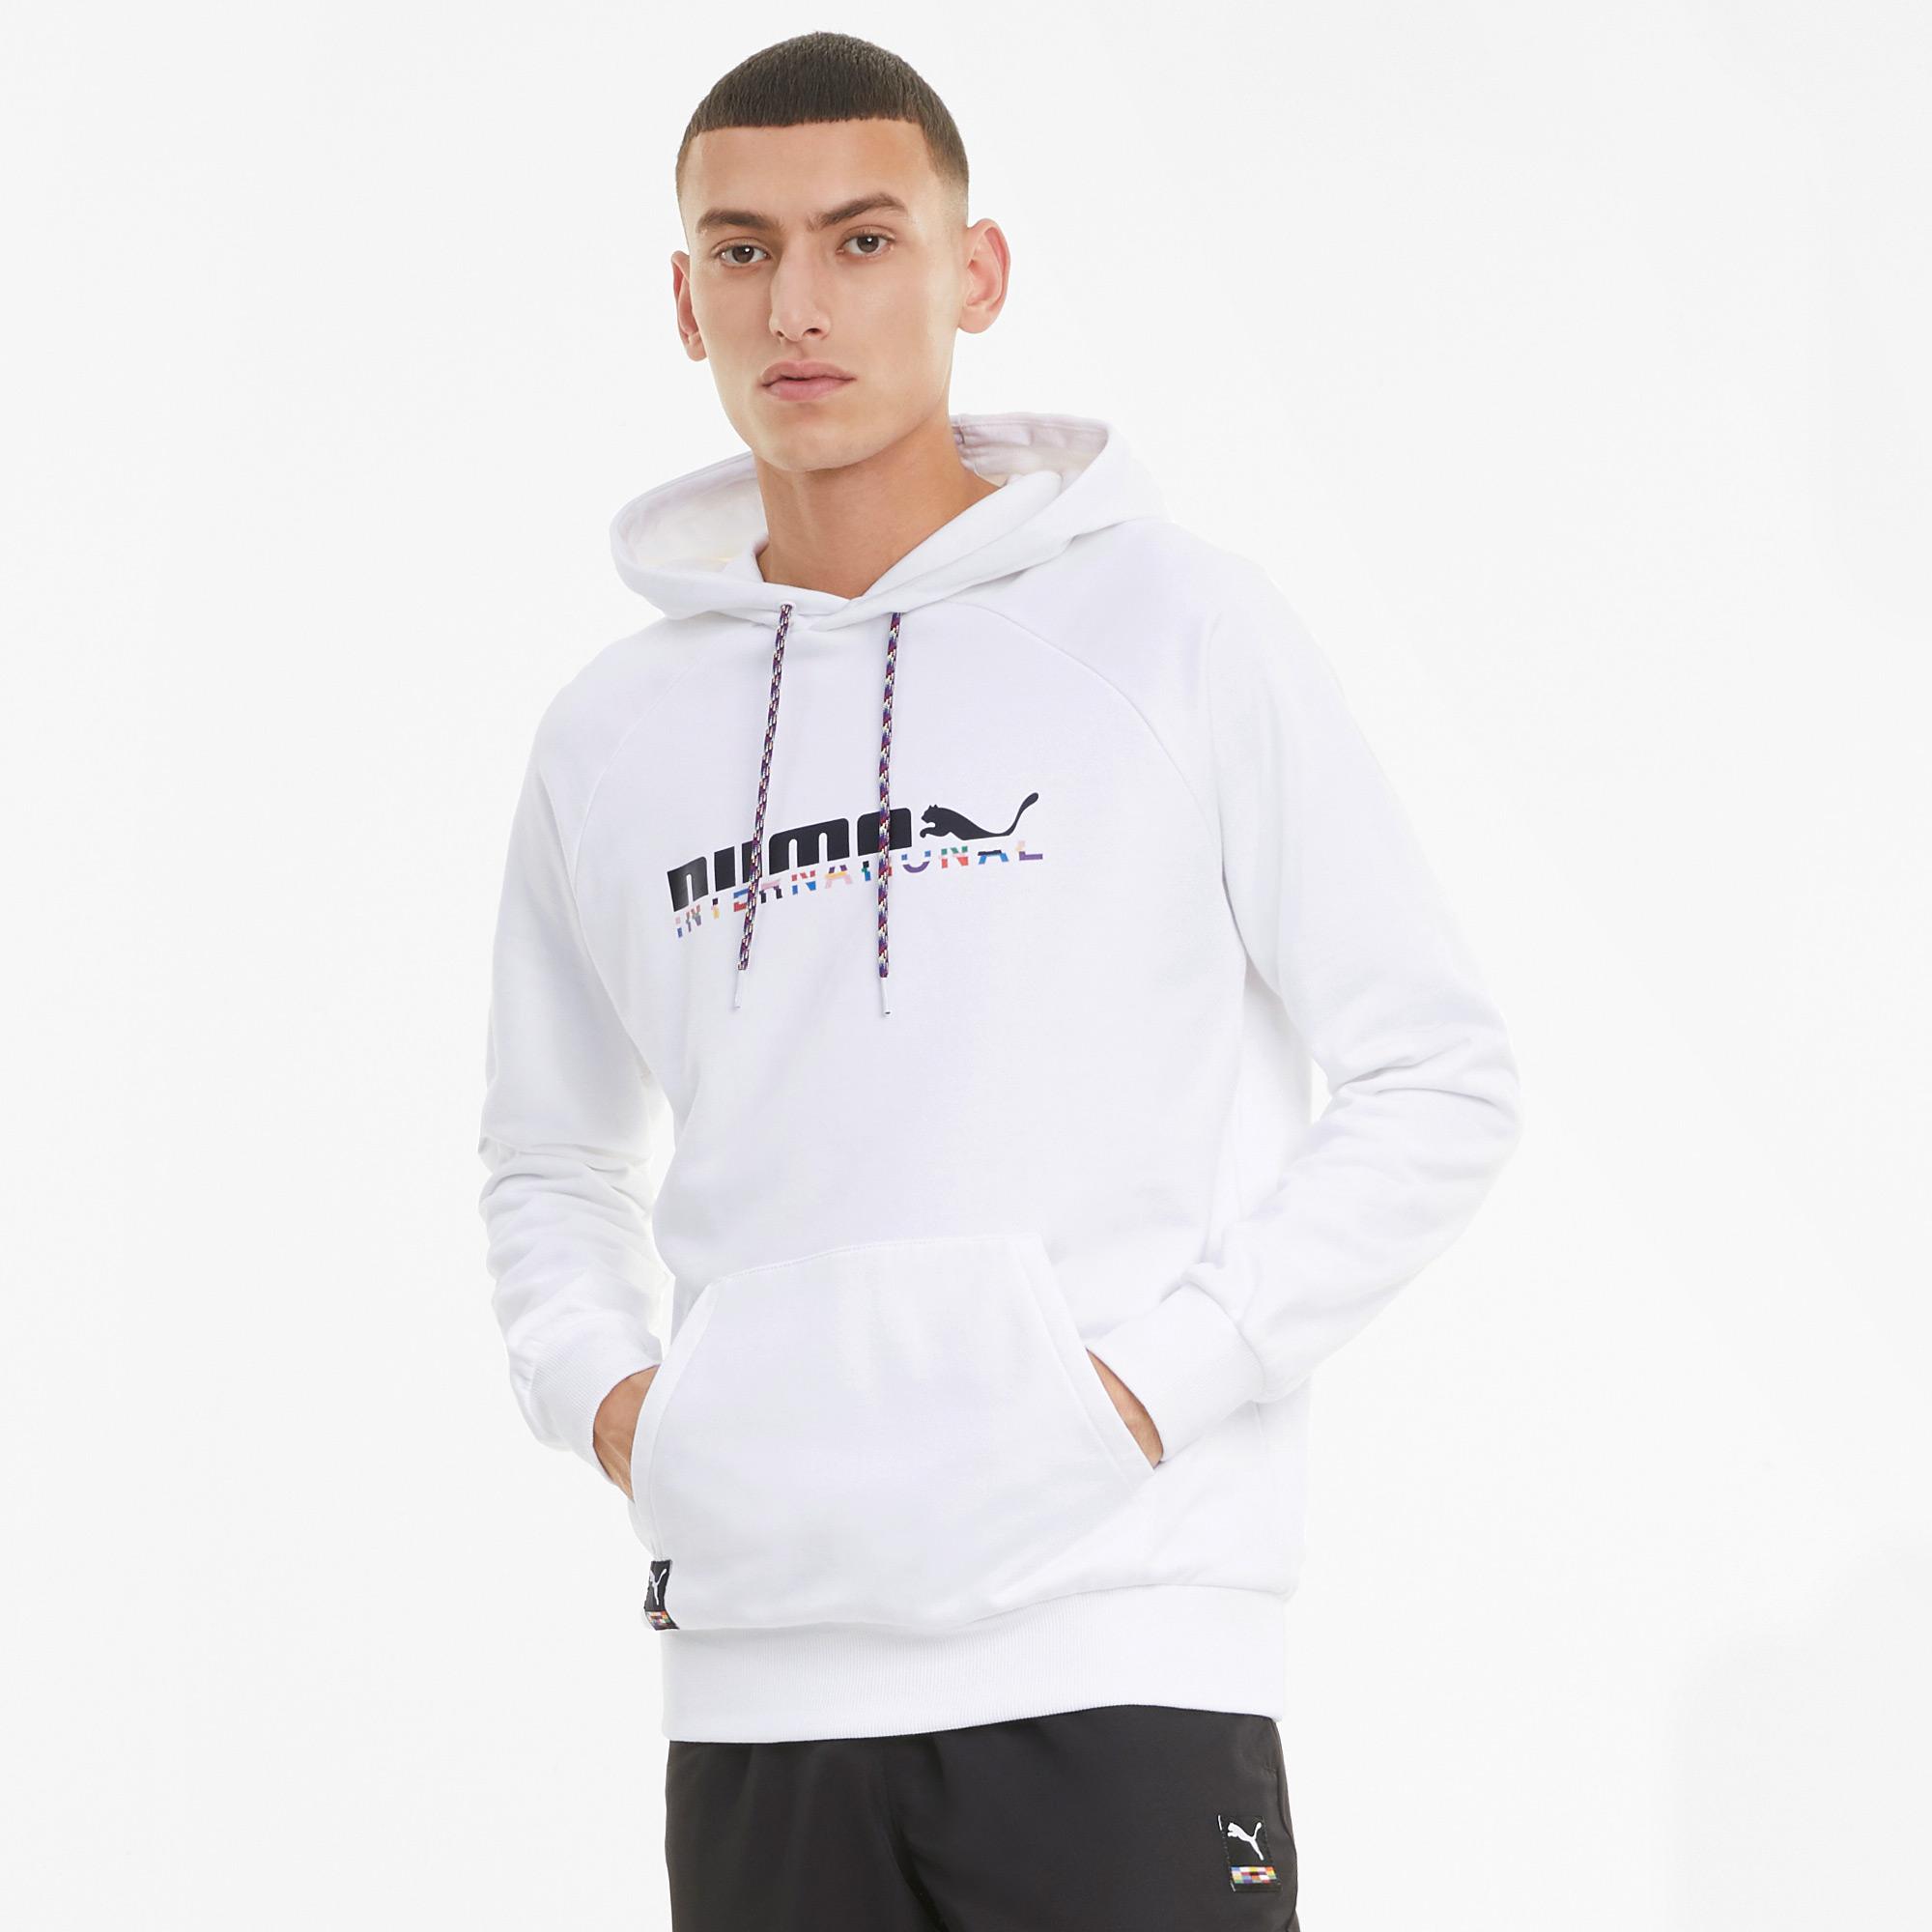 Puma International Erkek Beyaz Kapüşonlu Sweatshirt